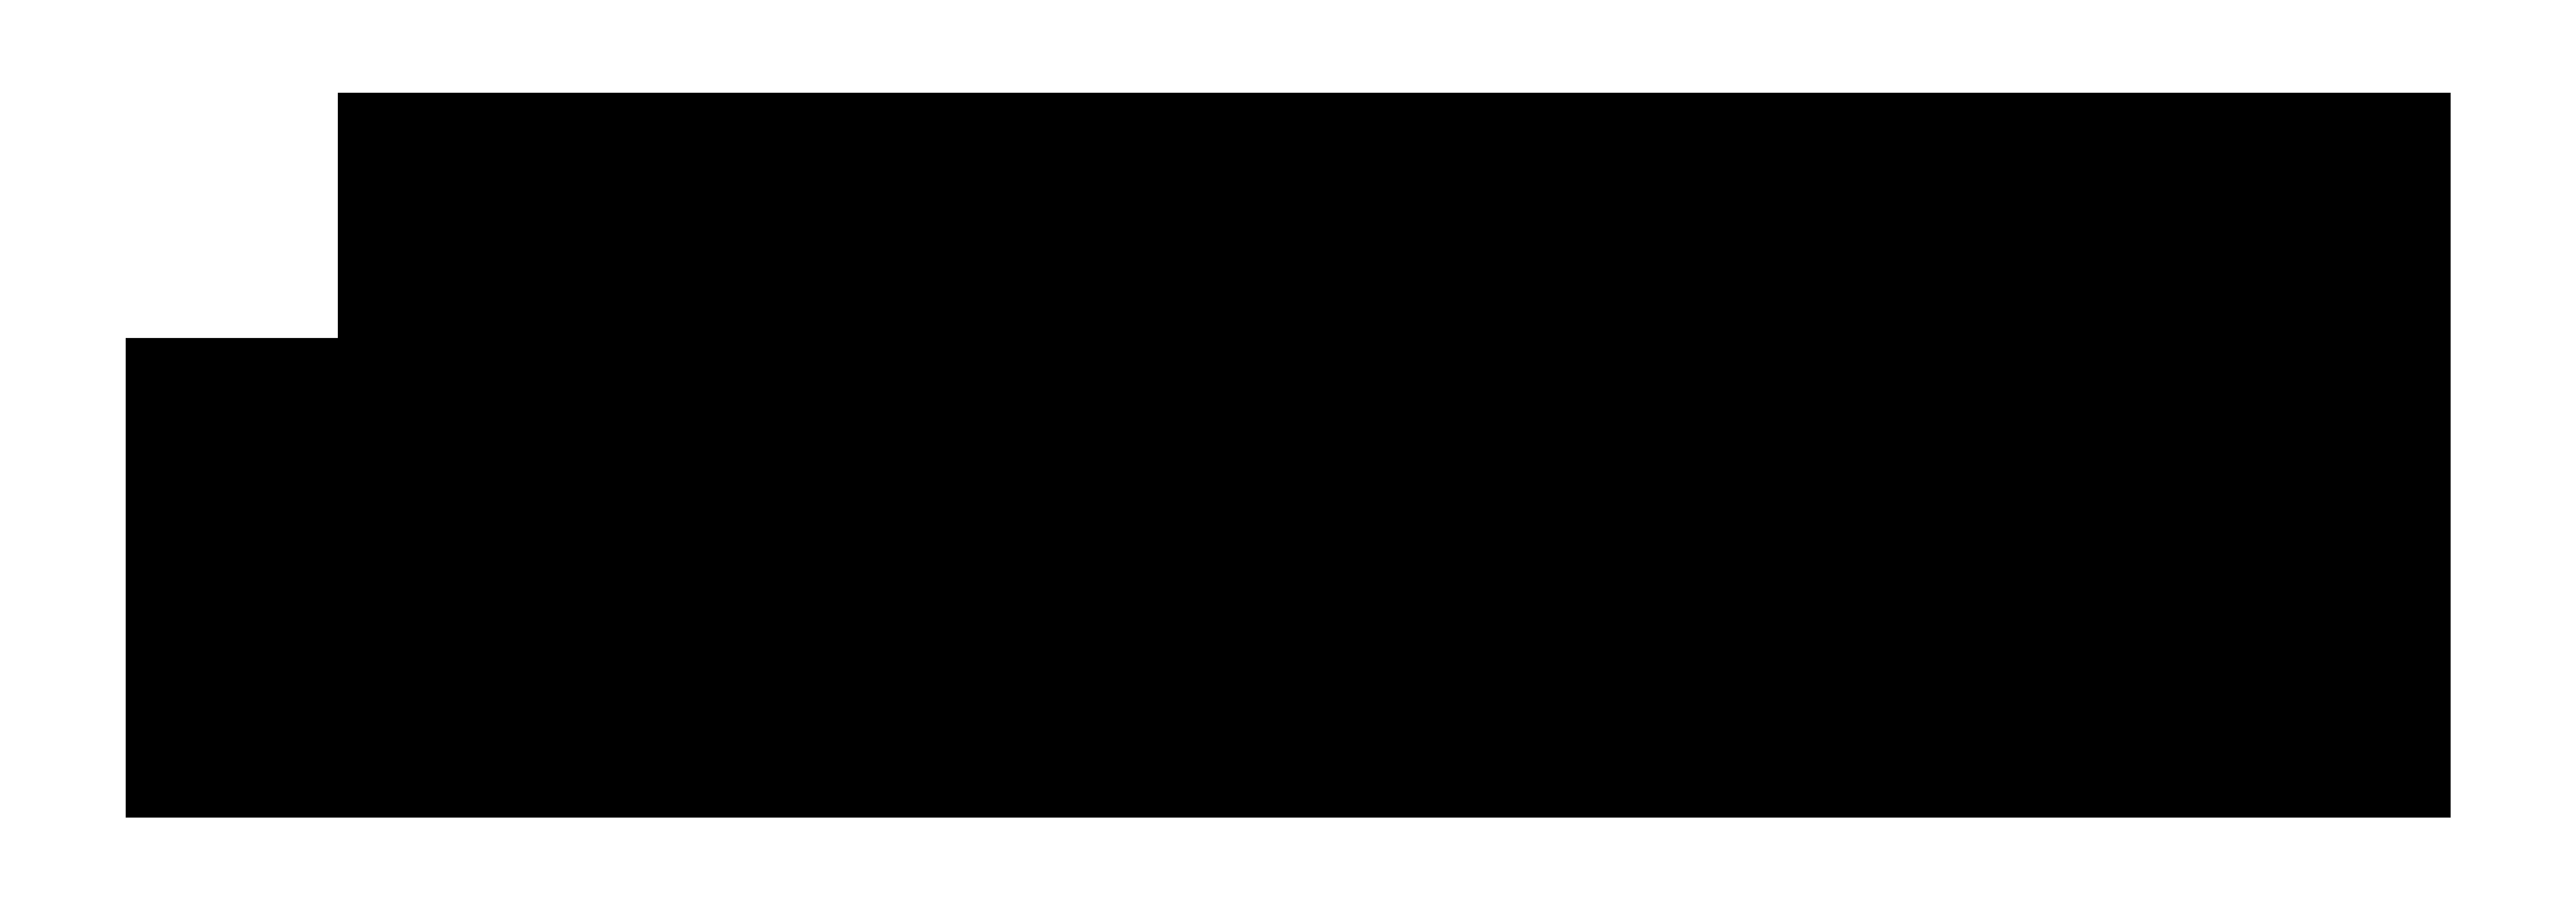 La Ligue Féminine Logo.png